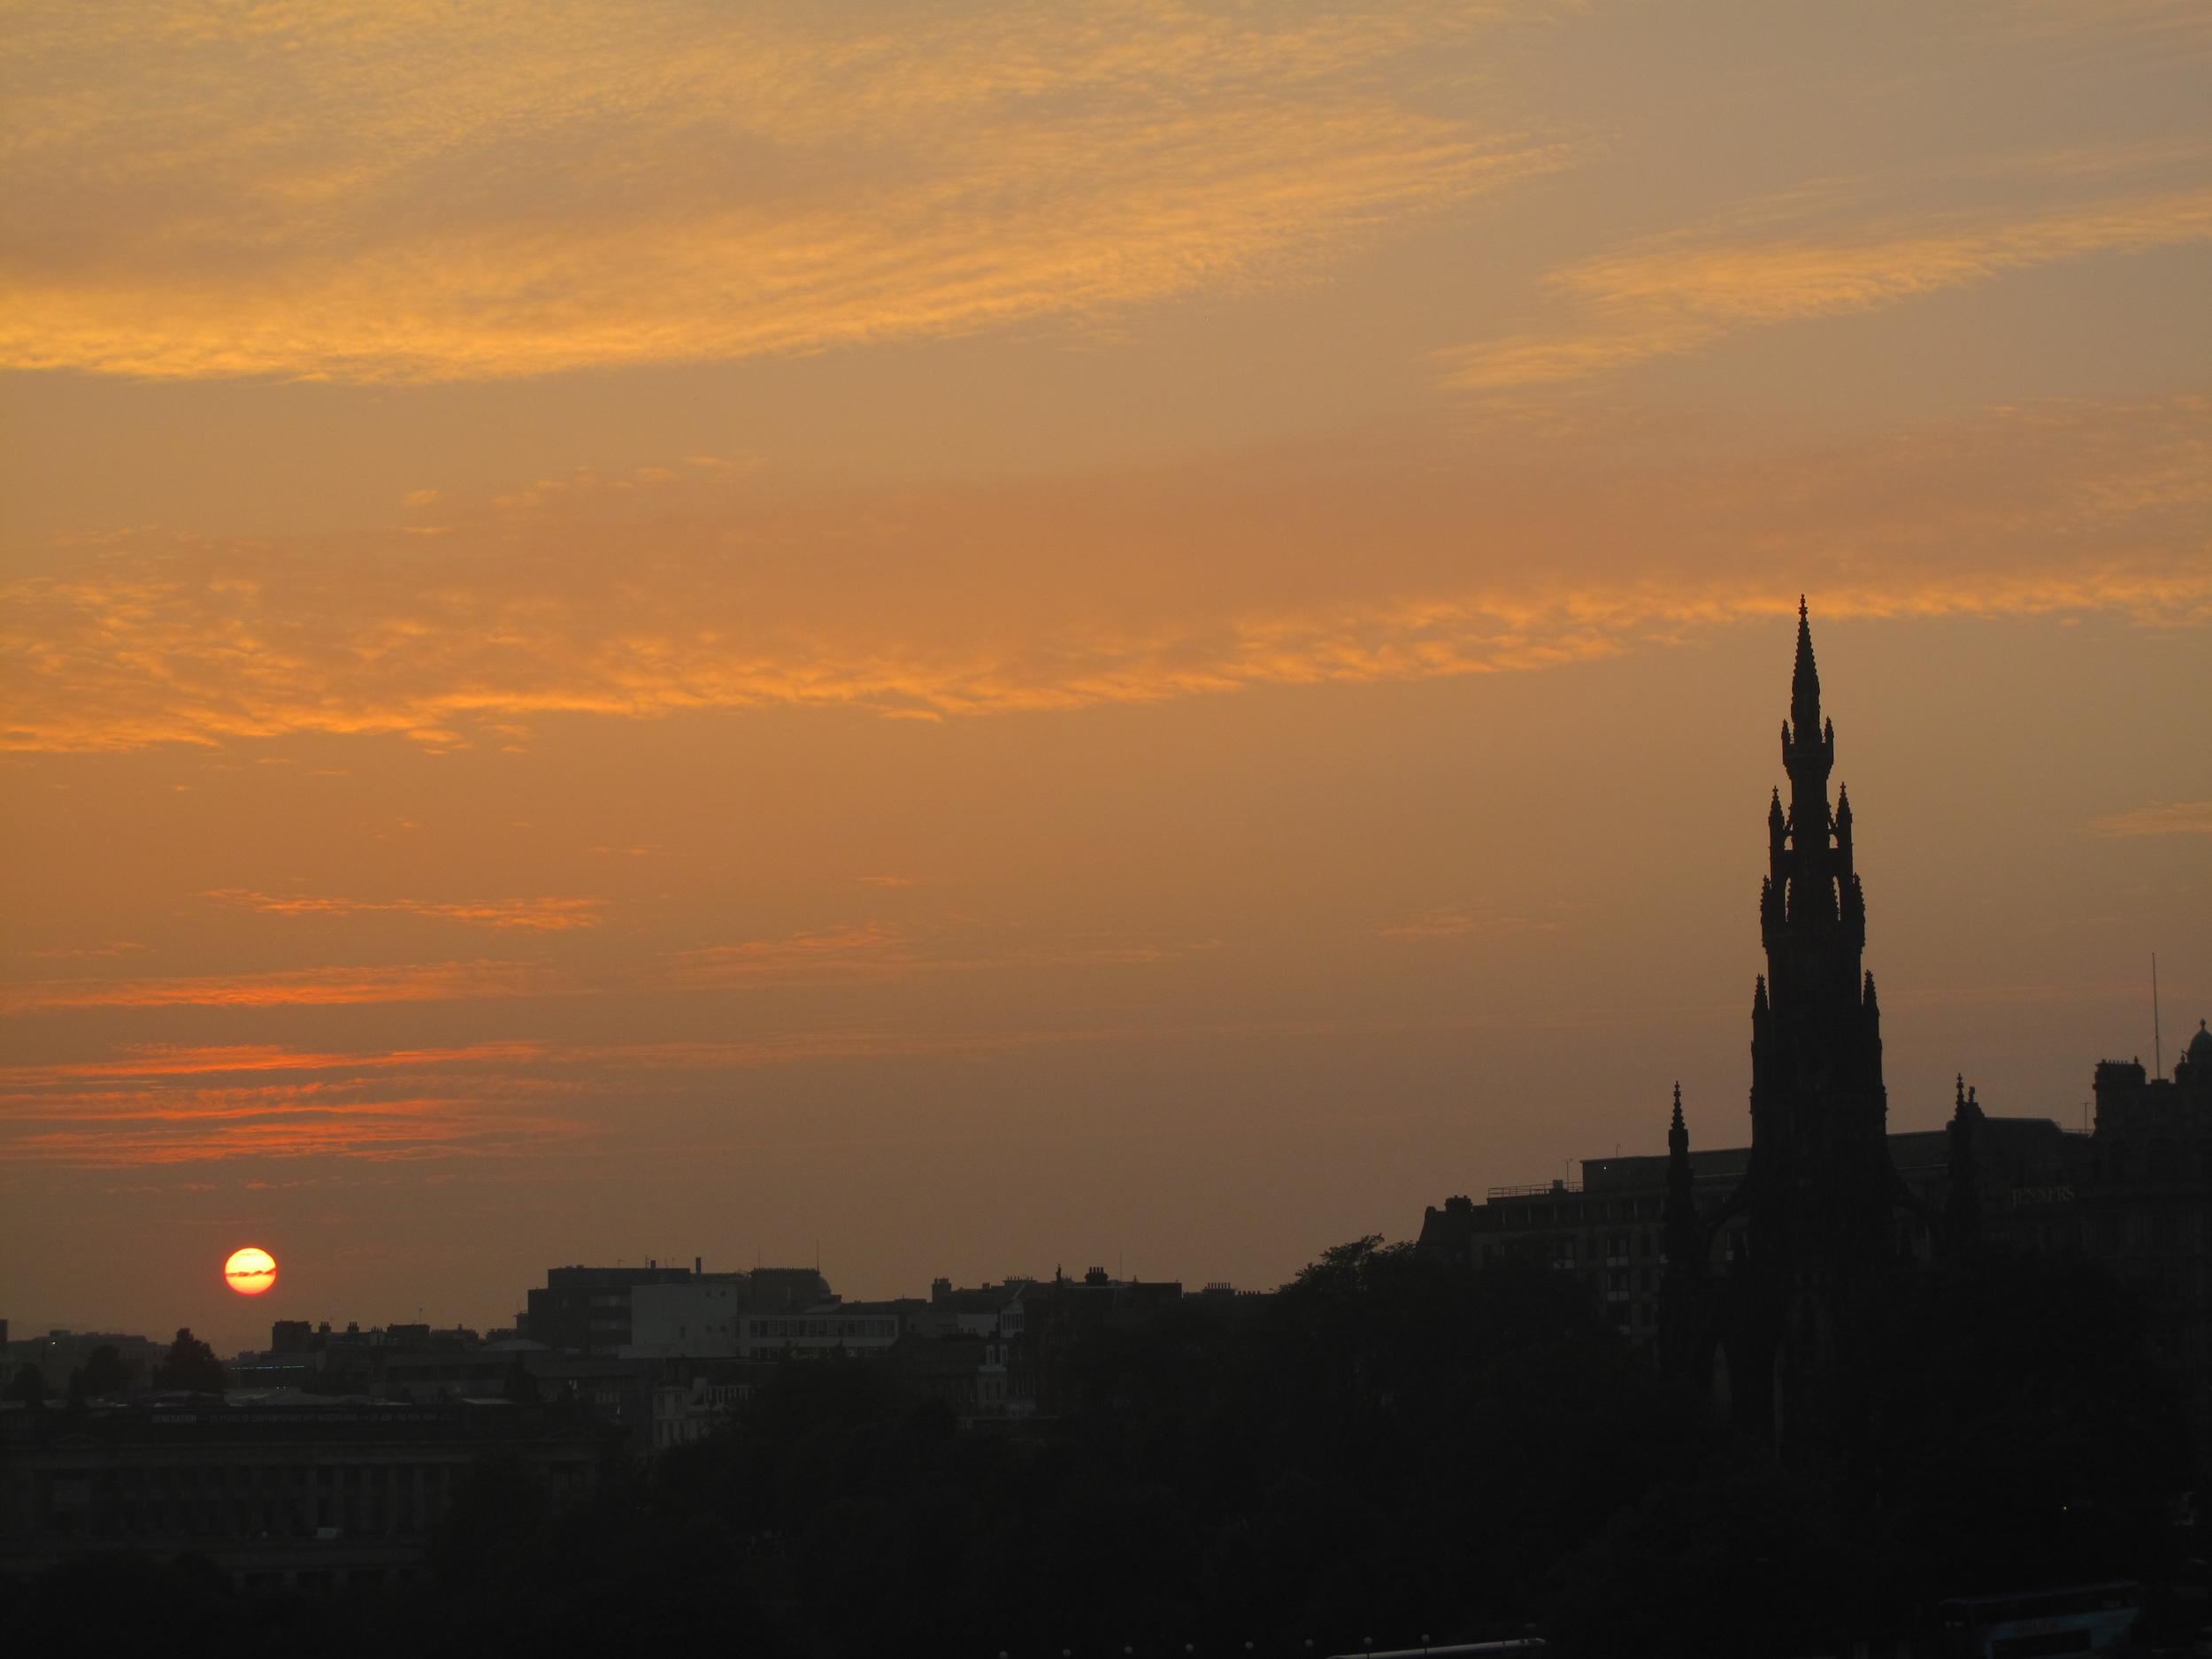 Edinburgh skyline at sunset.